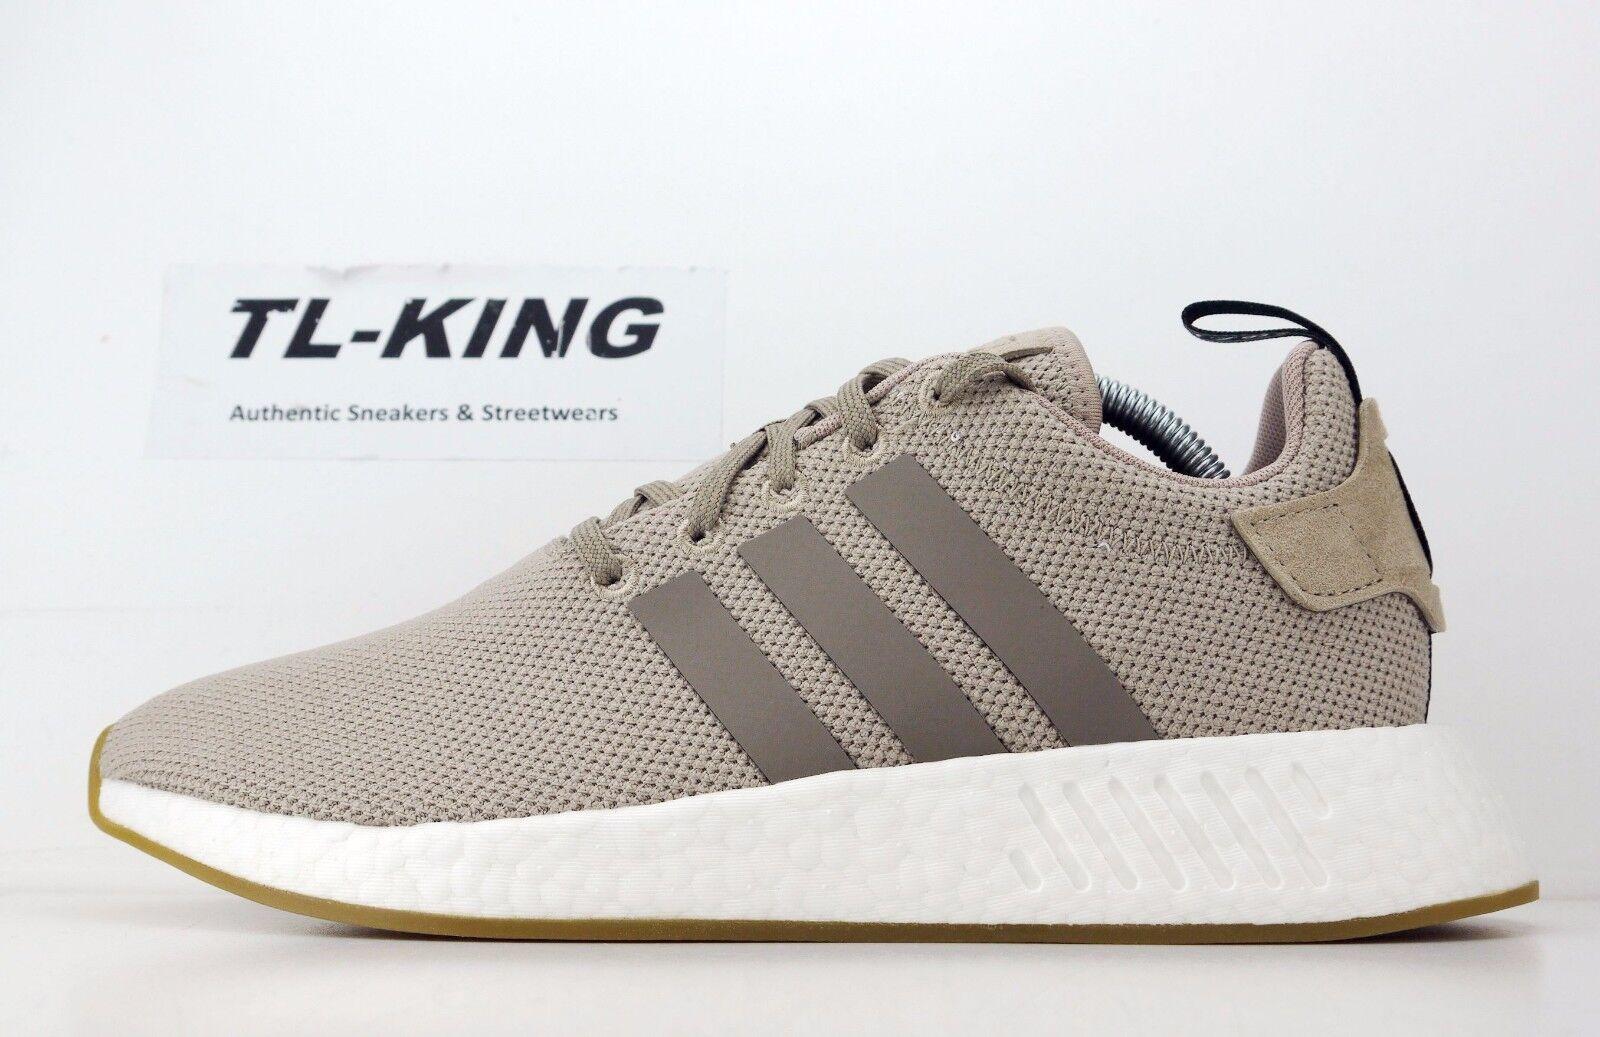 Adidas originali nmd r2 impulso traccia cachi marrone marrone marrone bianco nero by9916 msrp 130 dollari hu fc48a1